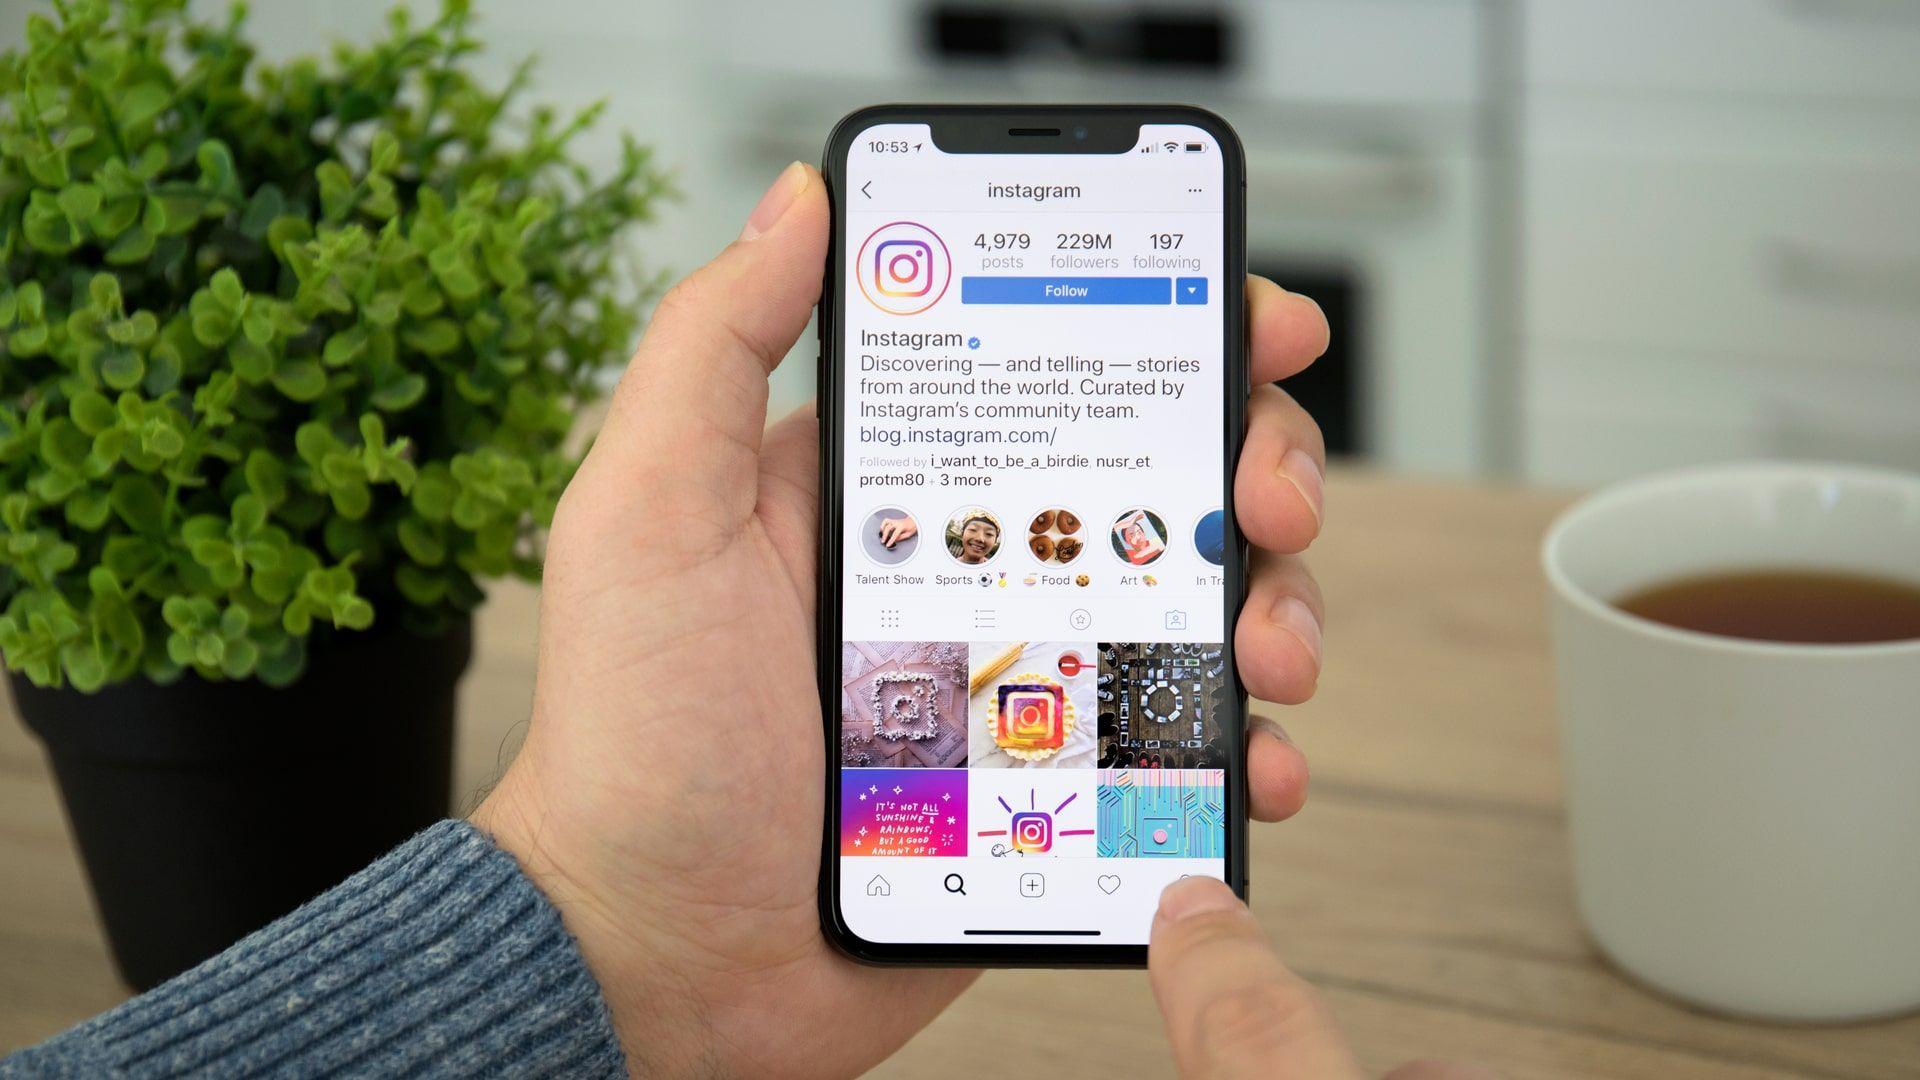 Divulgue seu perfil em outros canais para conseguir seguidores no Instagram (Foto: Shutterstock)